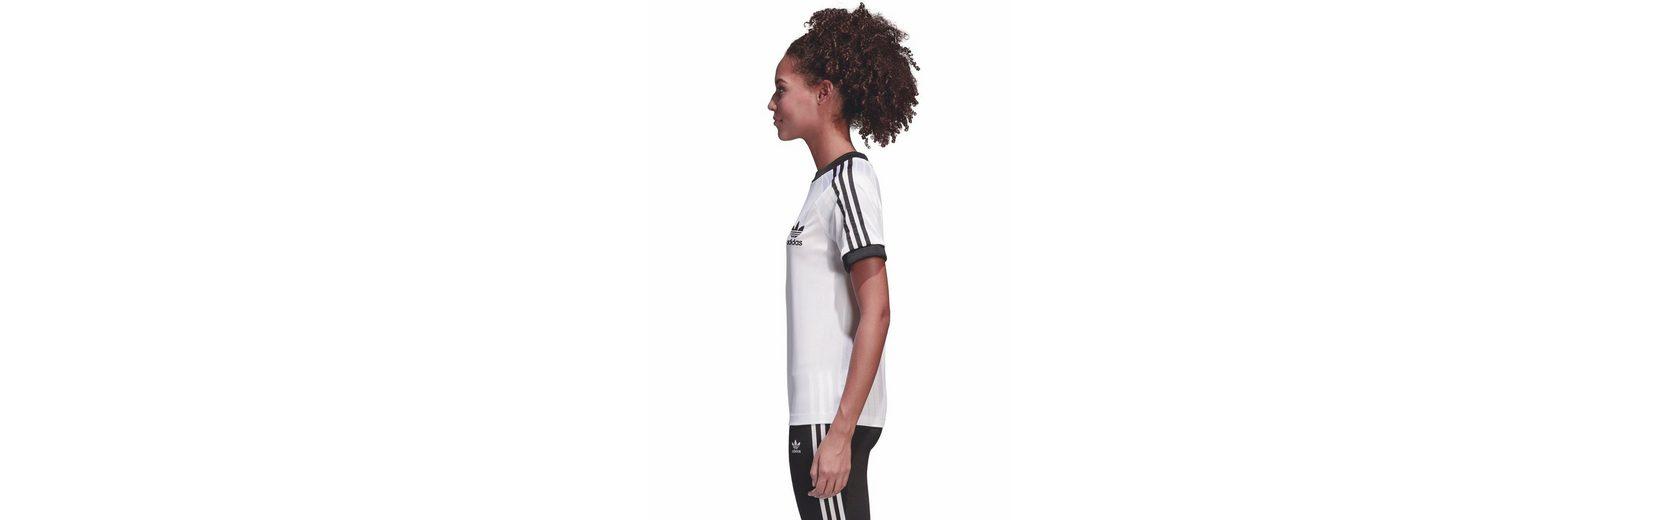 adidas Originals T-Shirt SC TSHIRT FOOTB Steckdose Shop A56cC0xuzm